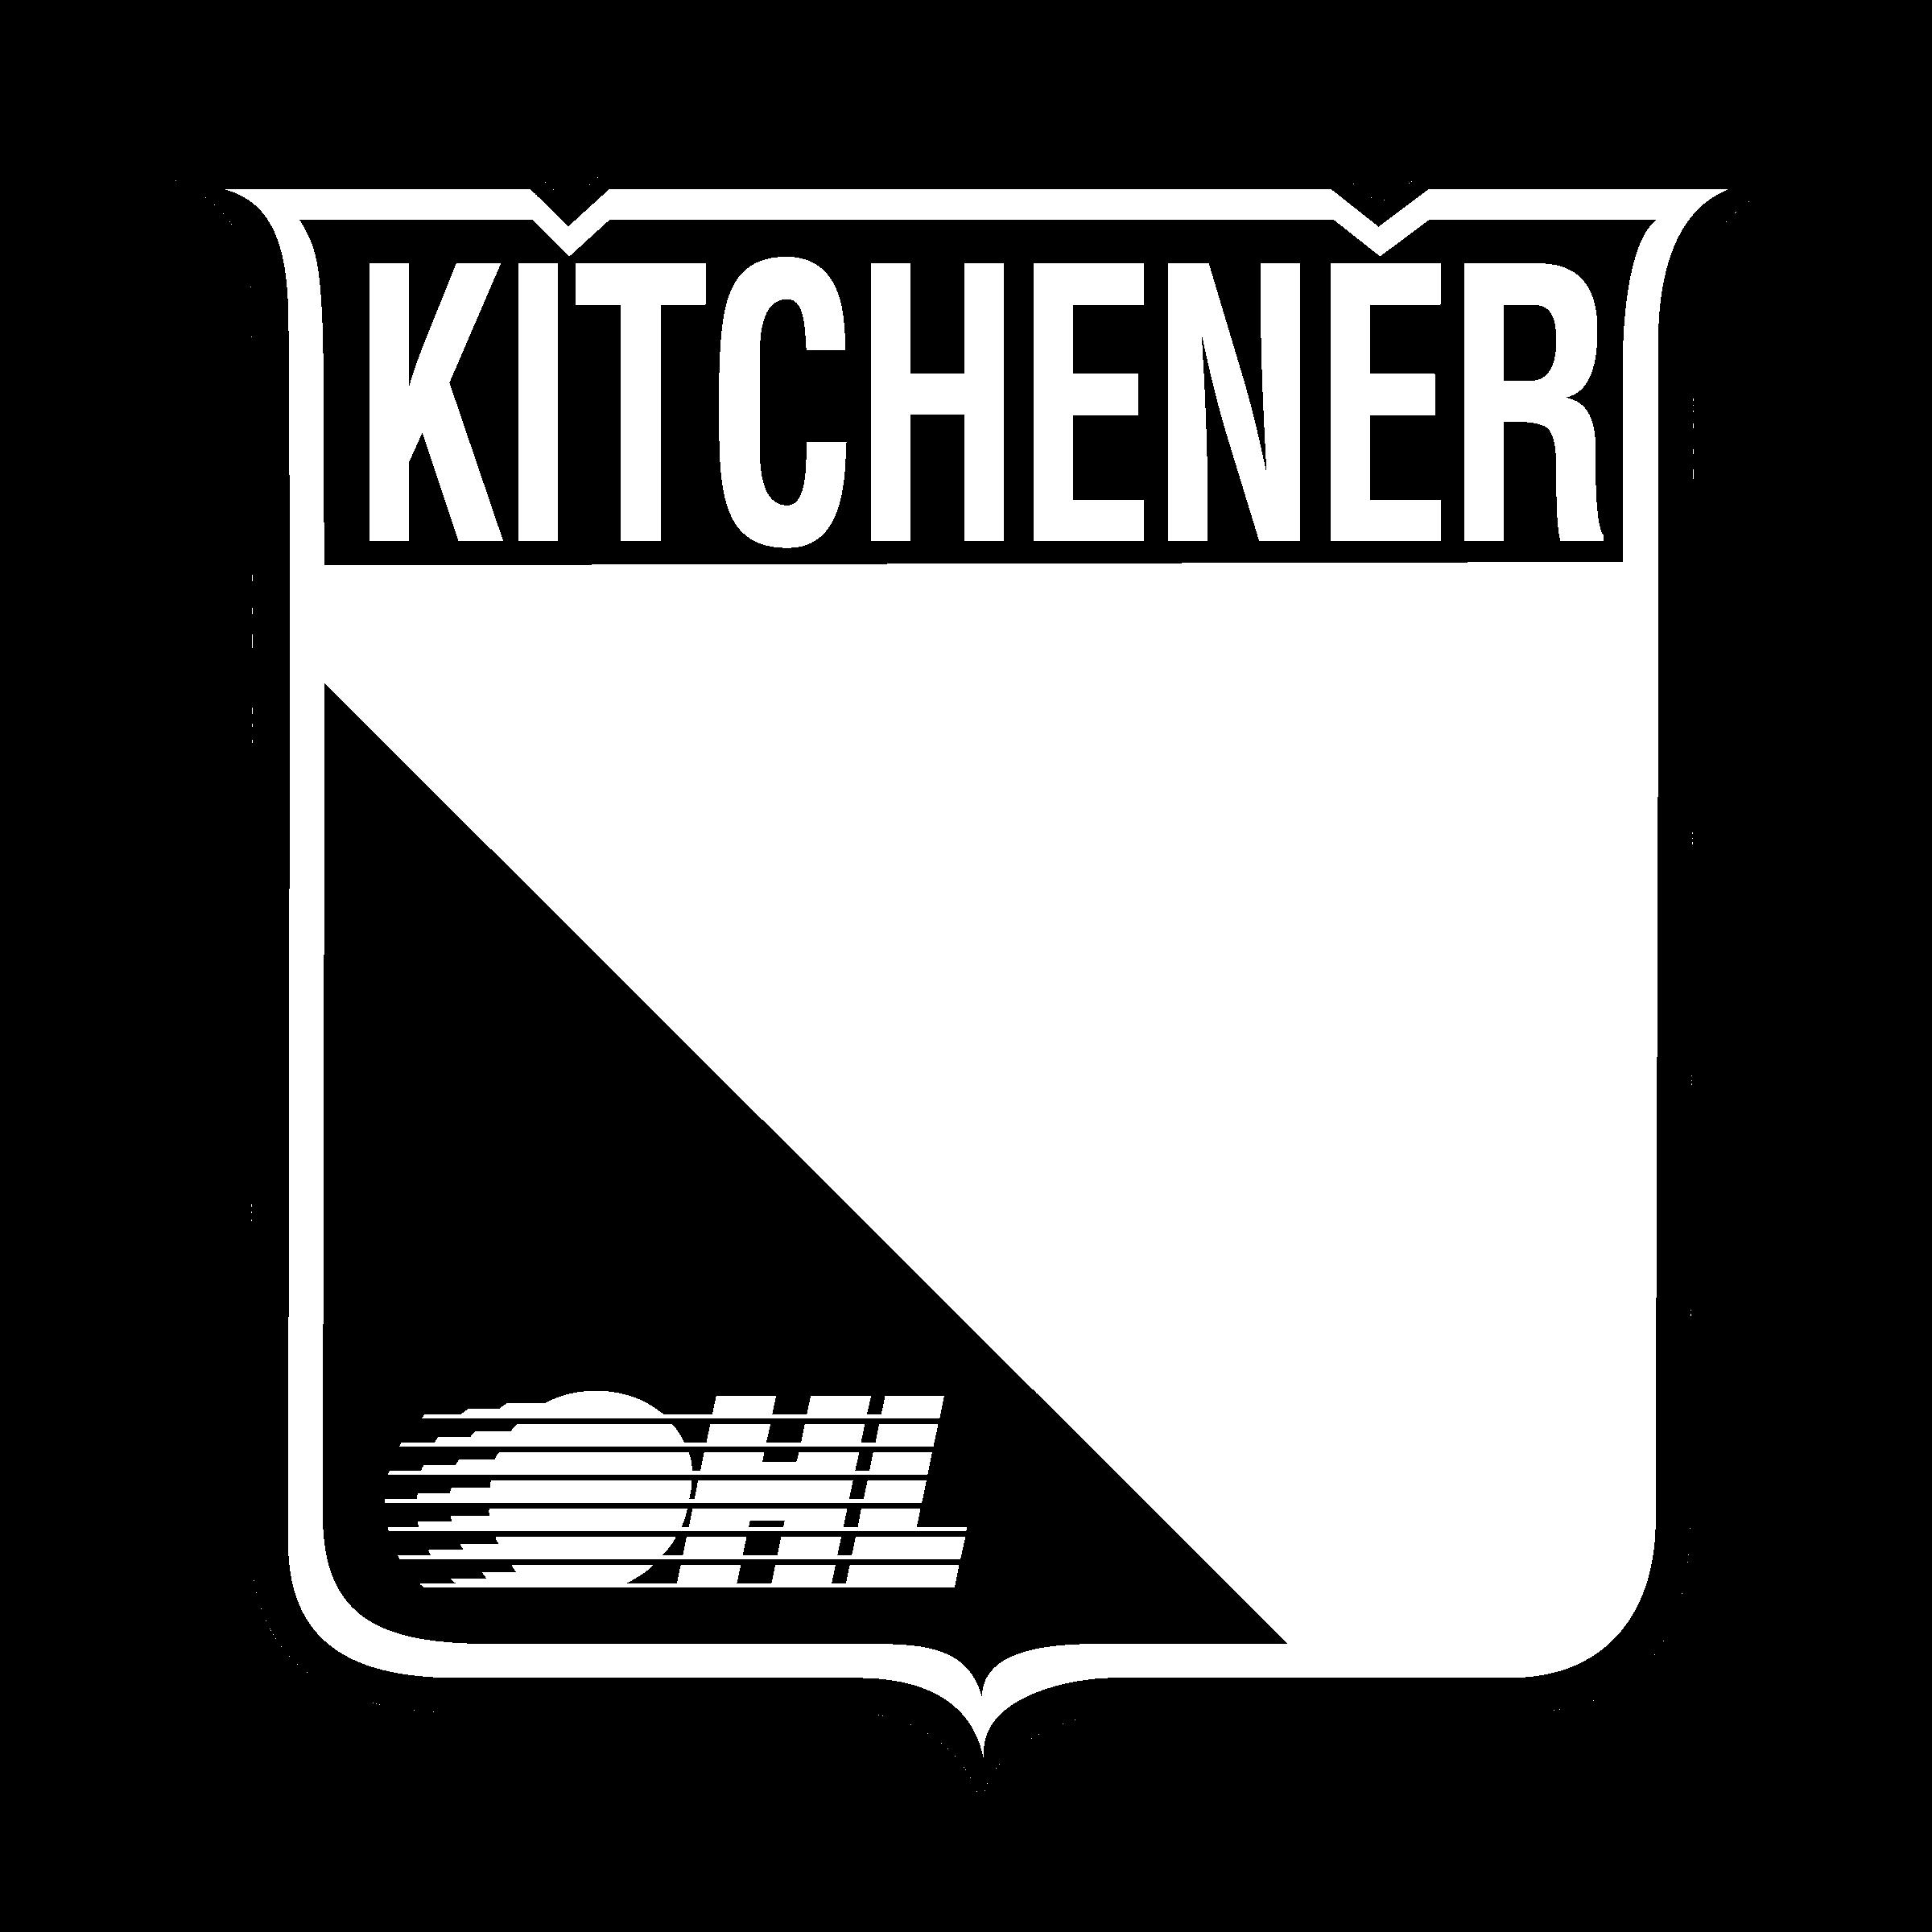 Kitchener Rangers Logo PNG Transparent & SVG Vector - Freebie Supply